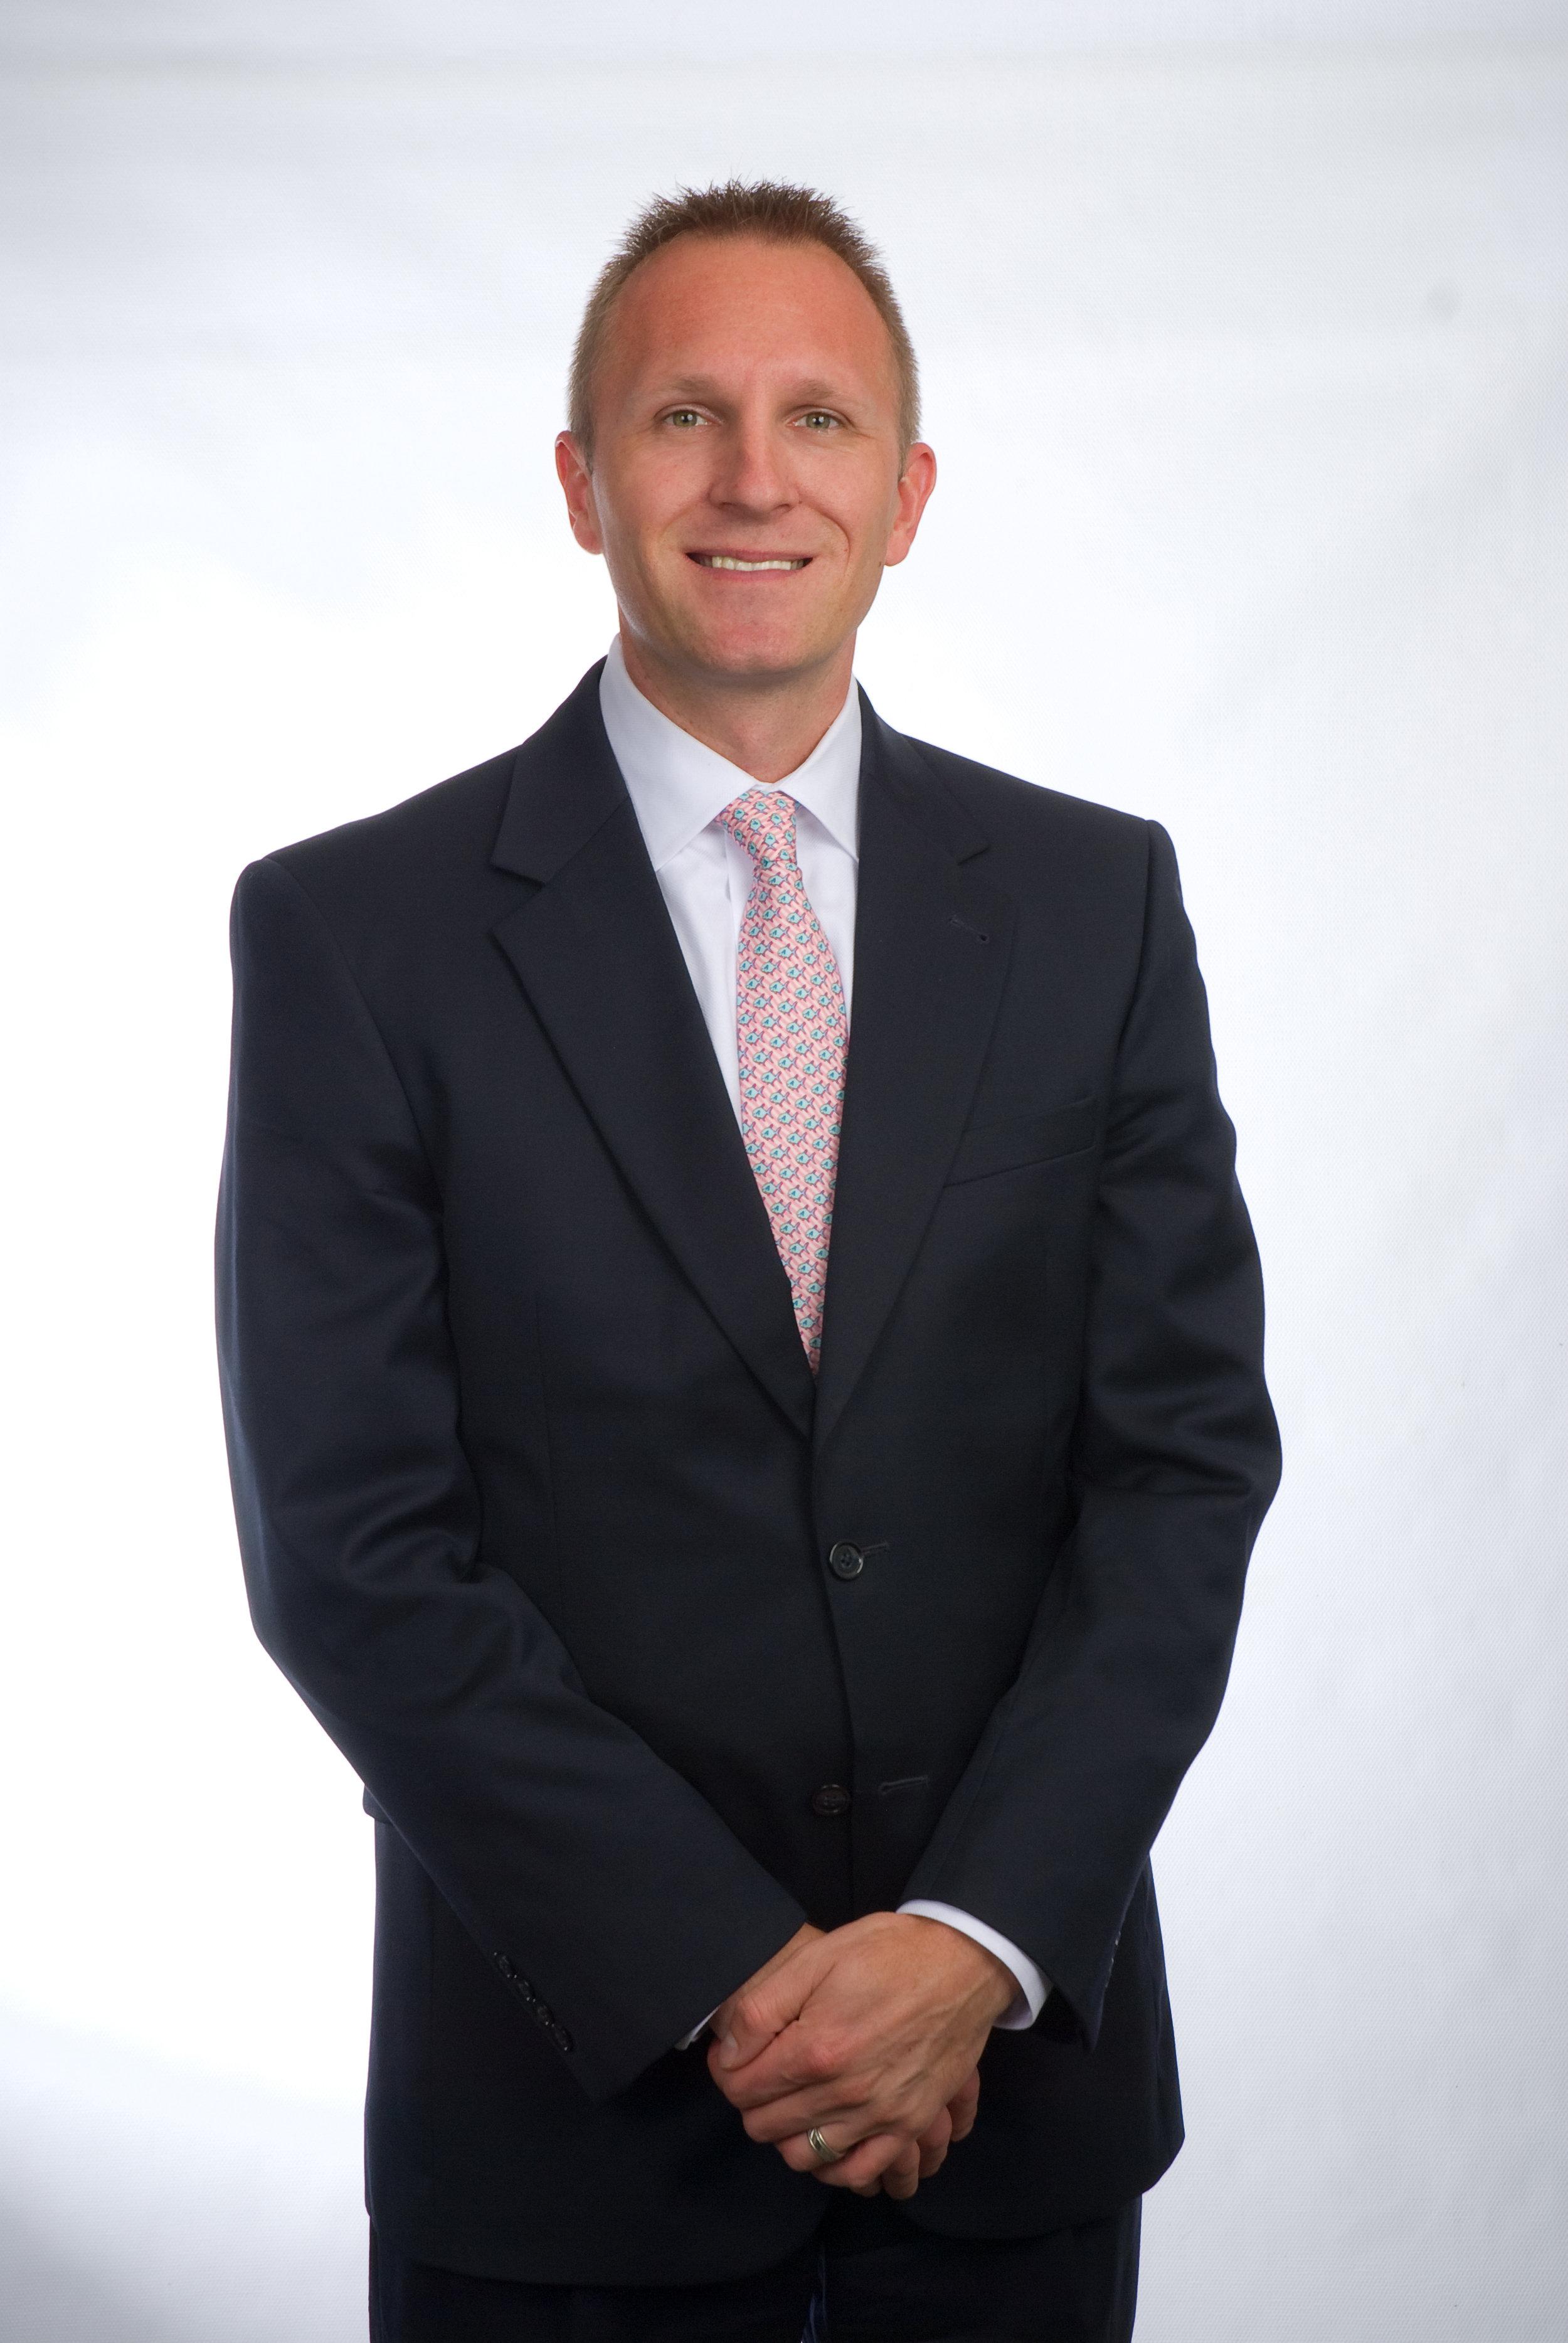 IVAN D. HOFFMAN, CFP®